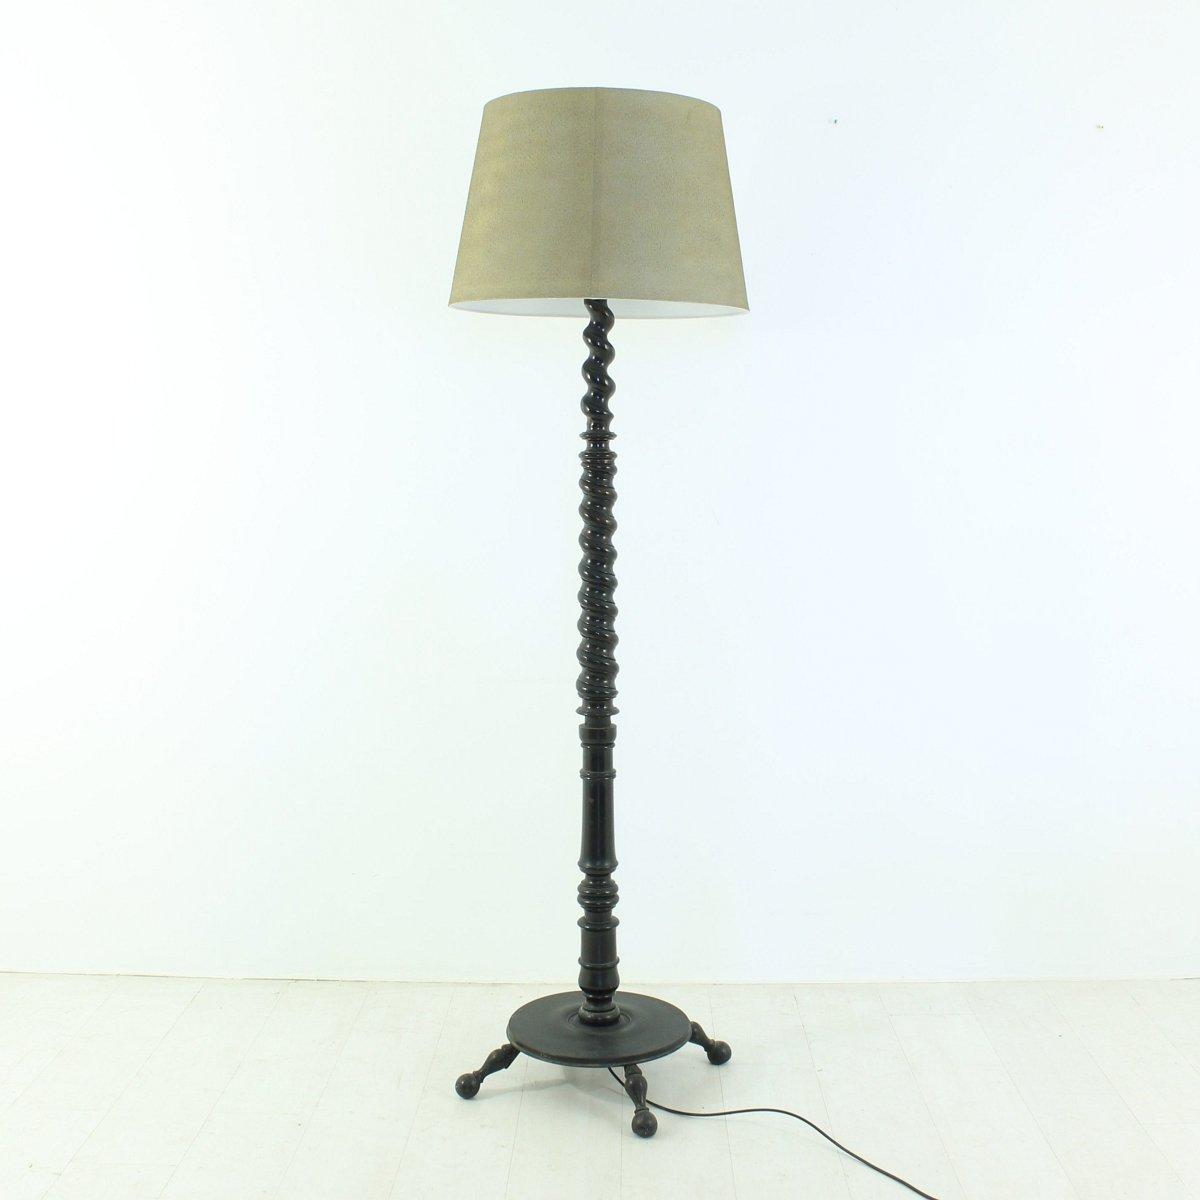 stehlampe kaufen ikea rchtiges online kaufen papier. Black Bedroom Furniture Sets. Home Design Ideas